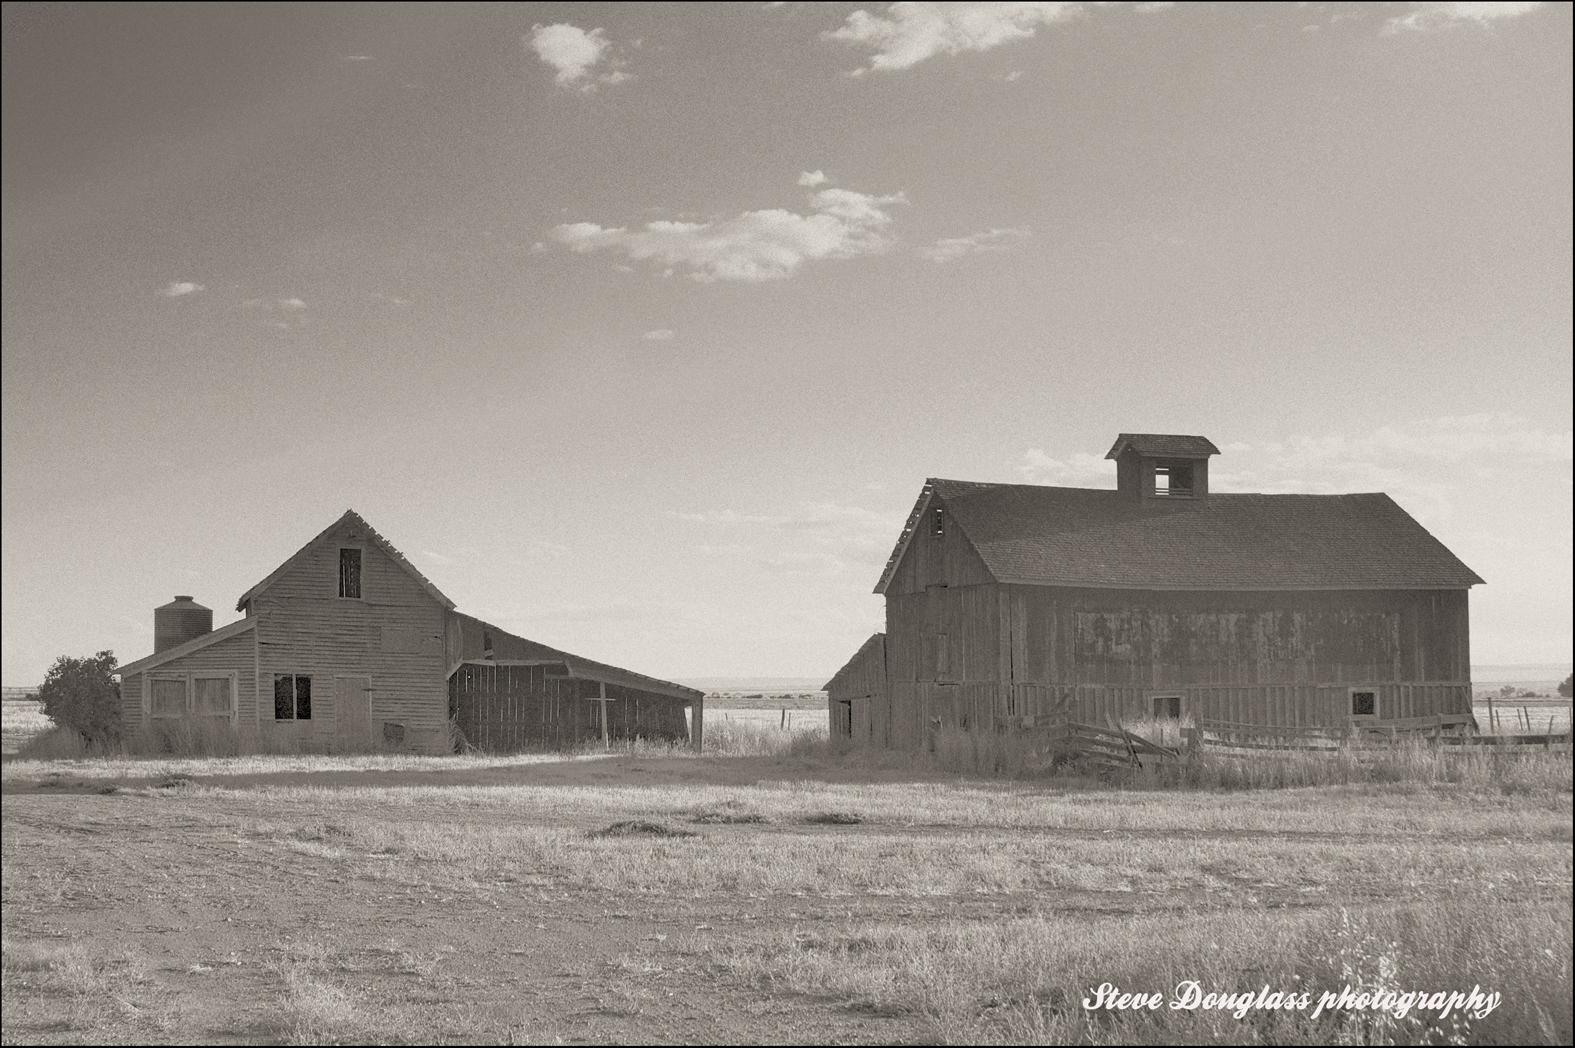 Dust Bowl Echoes: Dust Bowl echo - Abandoned farm SE Colorado